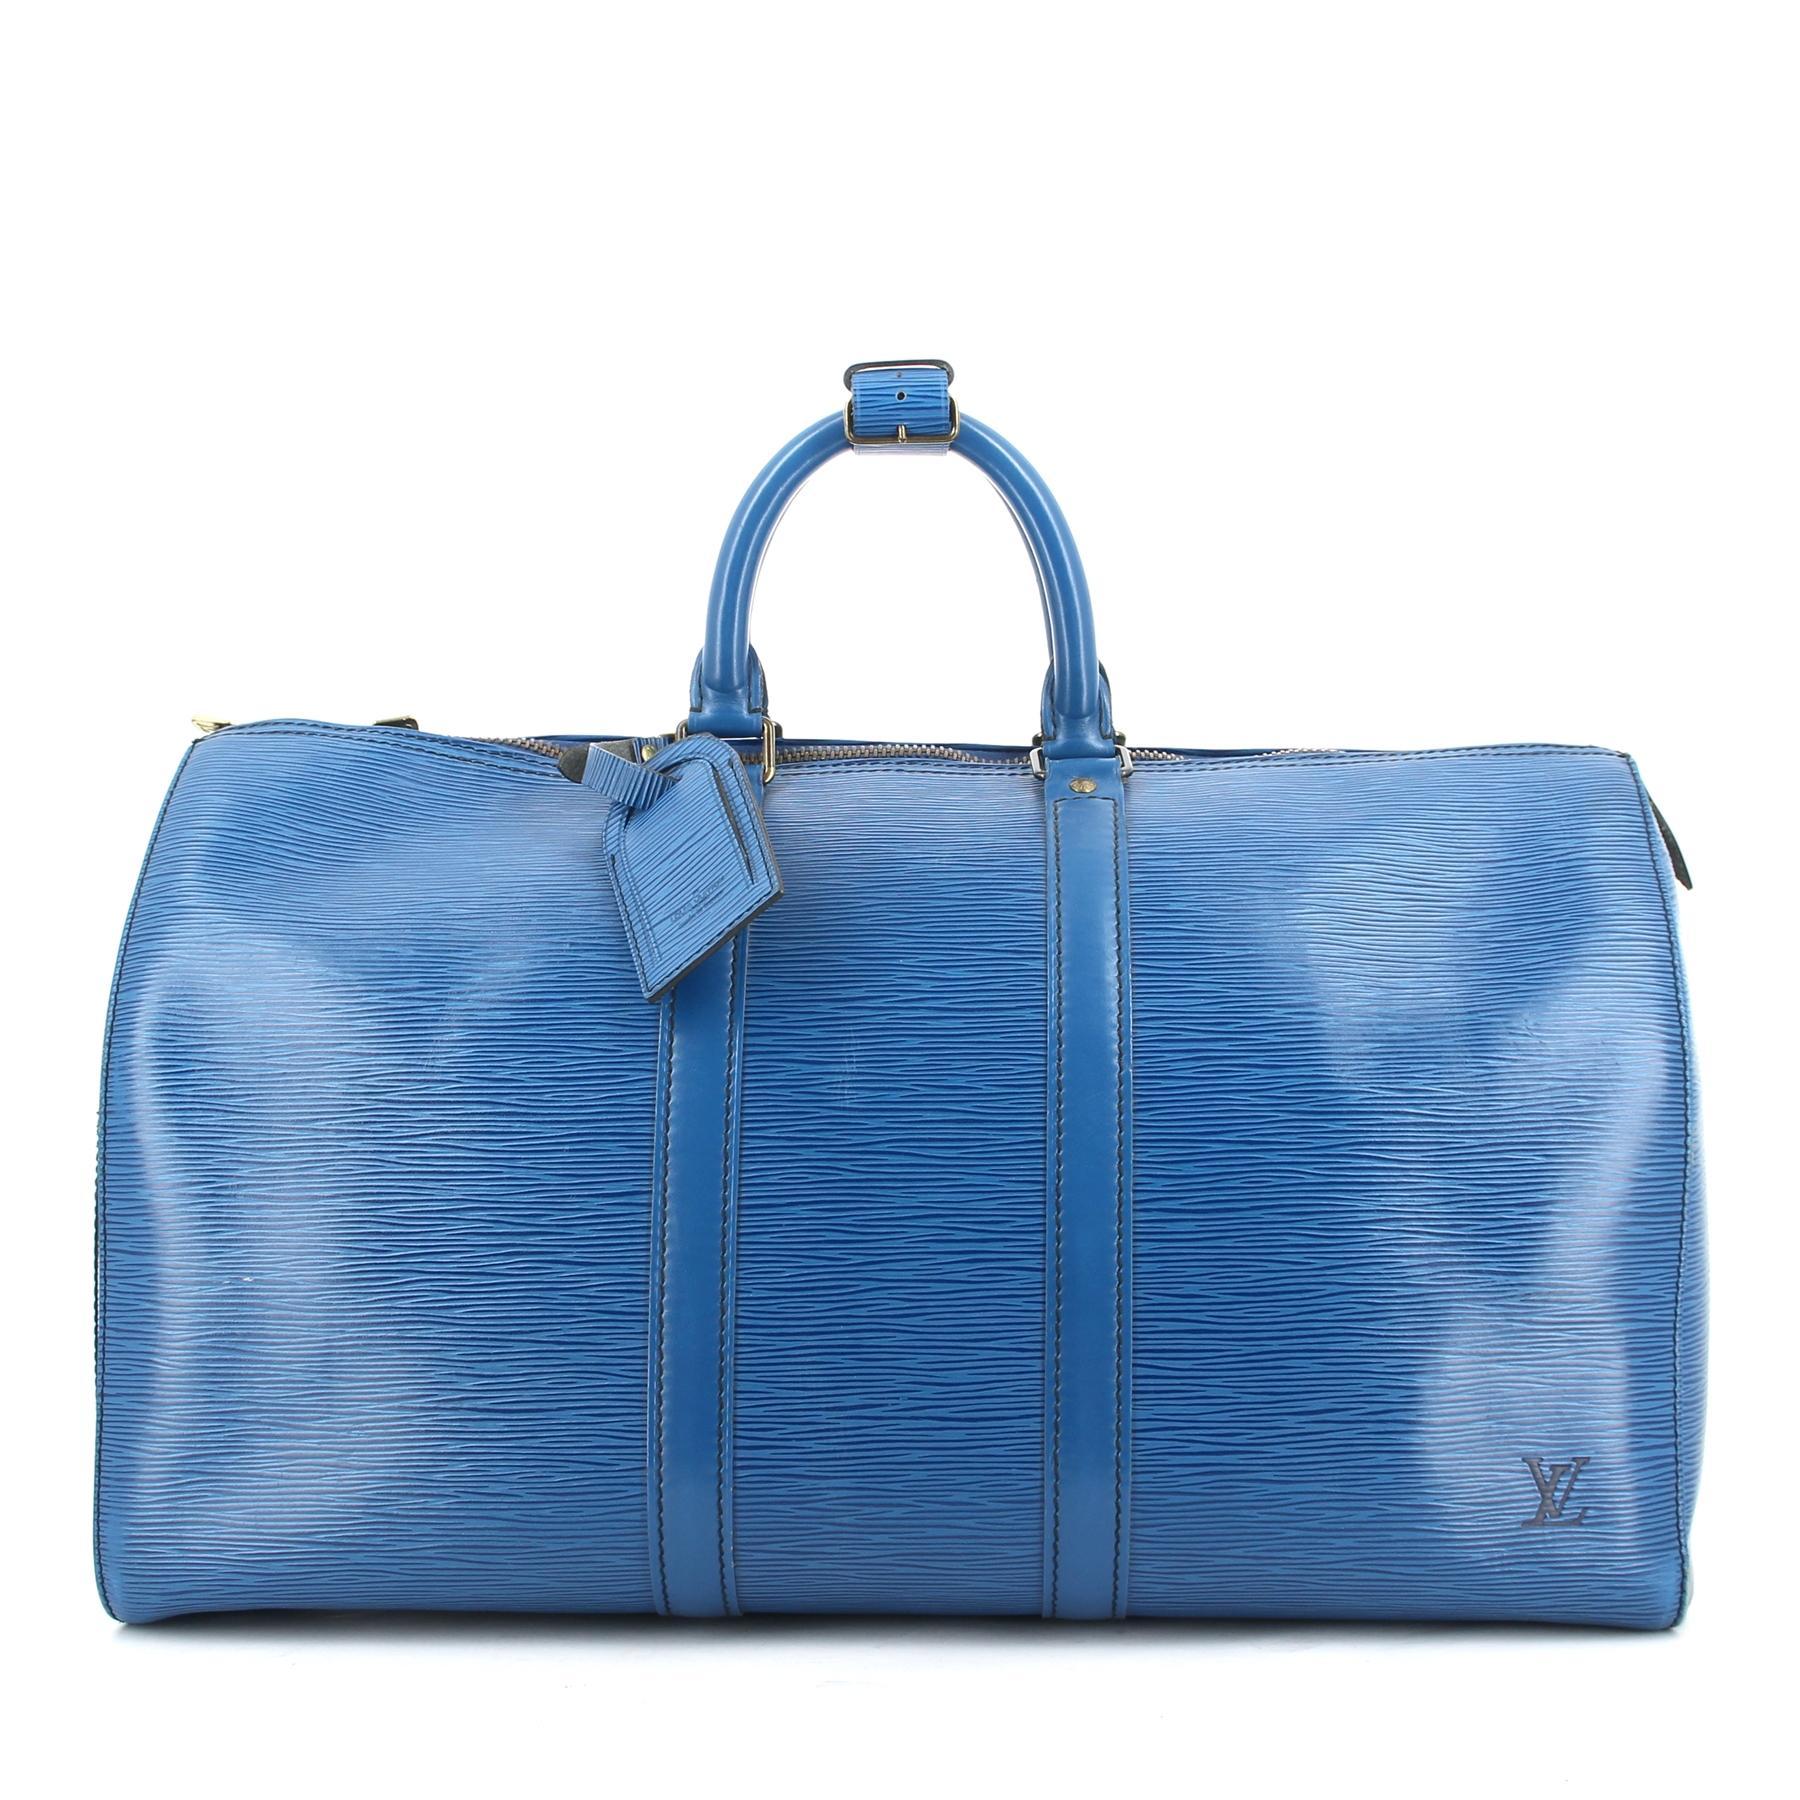 nouveau style 29ff0 b81f9 Le chic nomade du sac Keepall de Louis Vuitton - Madame Figaro